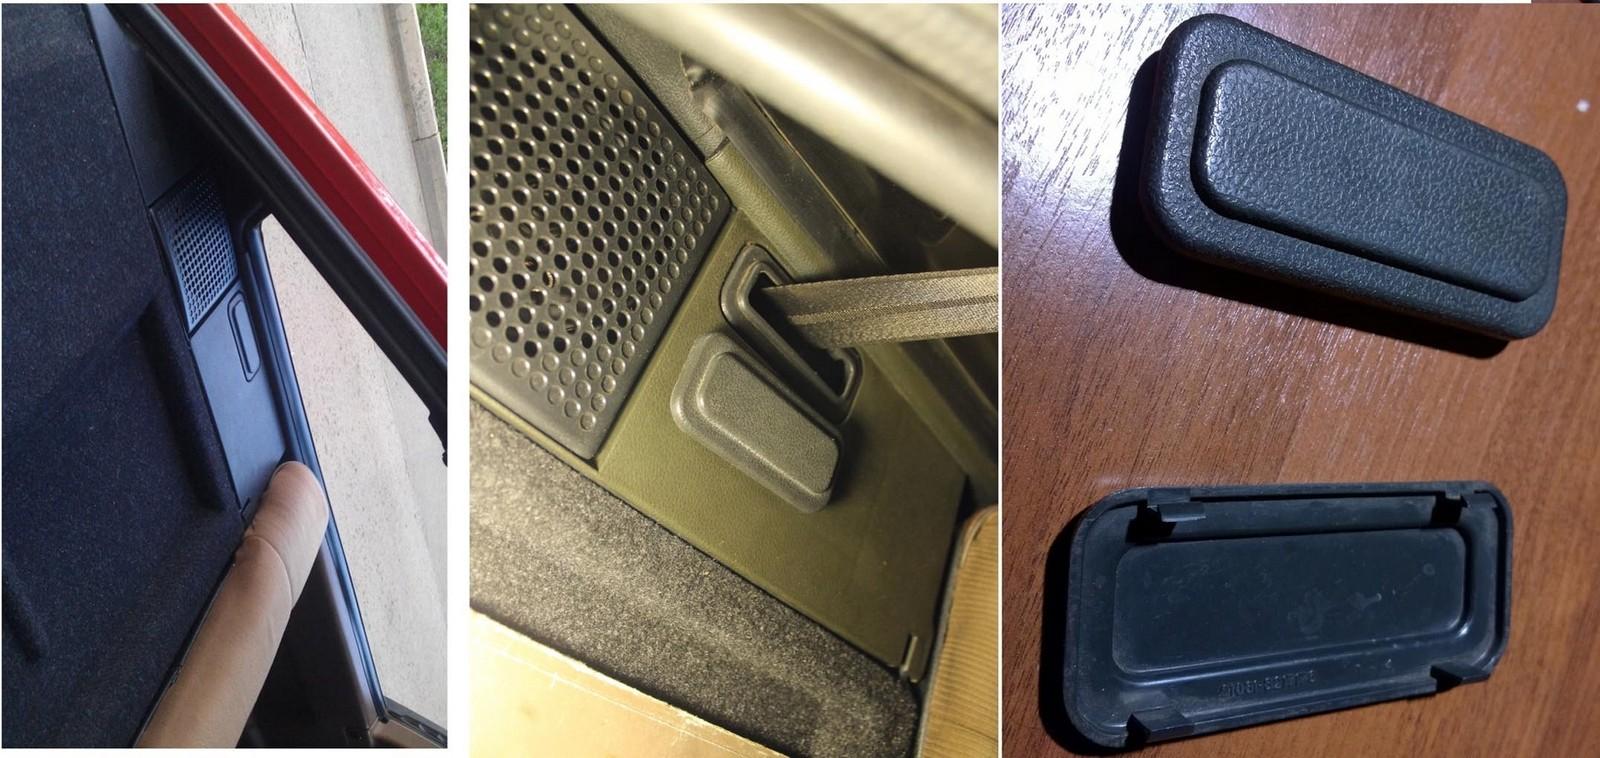 Ремни безопасности для задних пассажиров были далеко не на всех ВАЗ-2108. В вариантном исполнении вместо них стояли заглушки